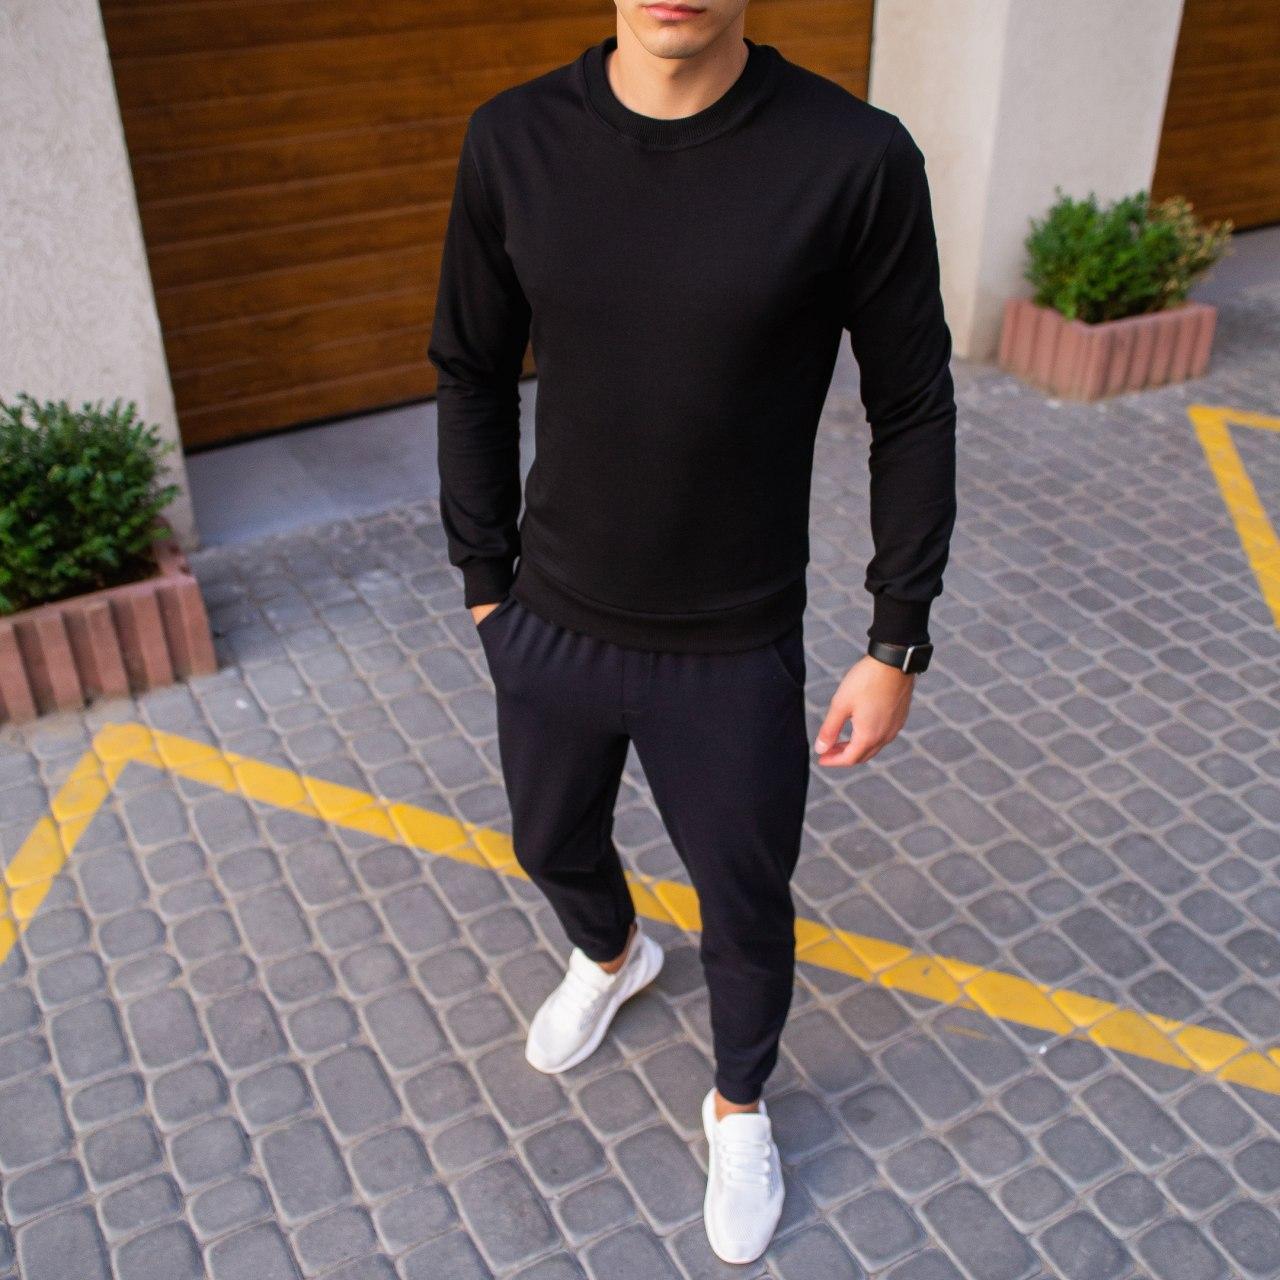 Мужской зимний спортивный костюм 99 Pobedov (черный с темно-синим)